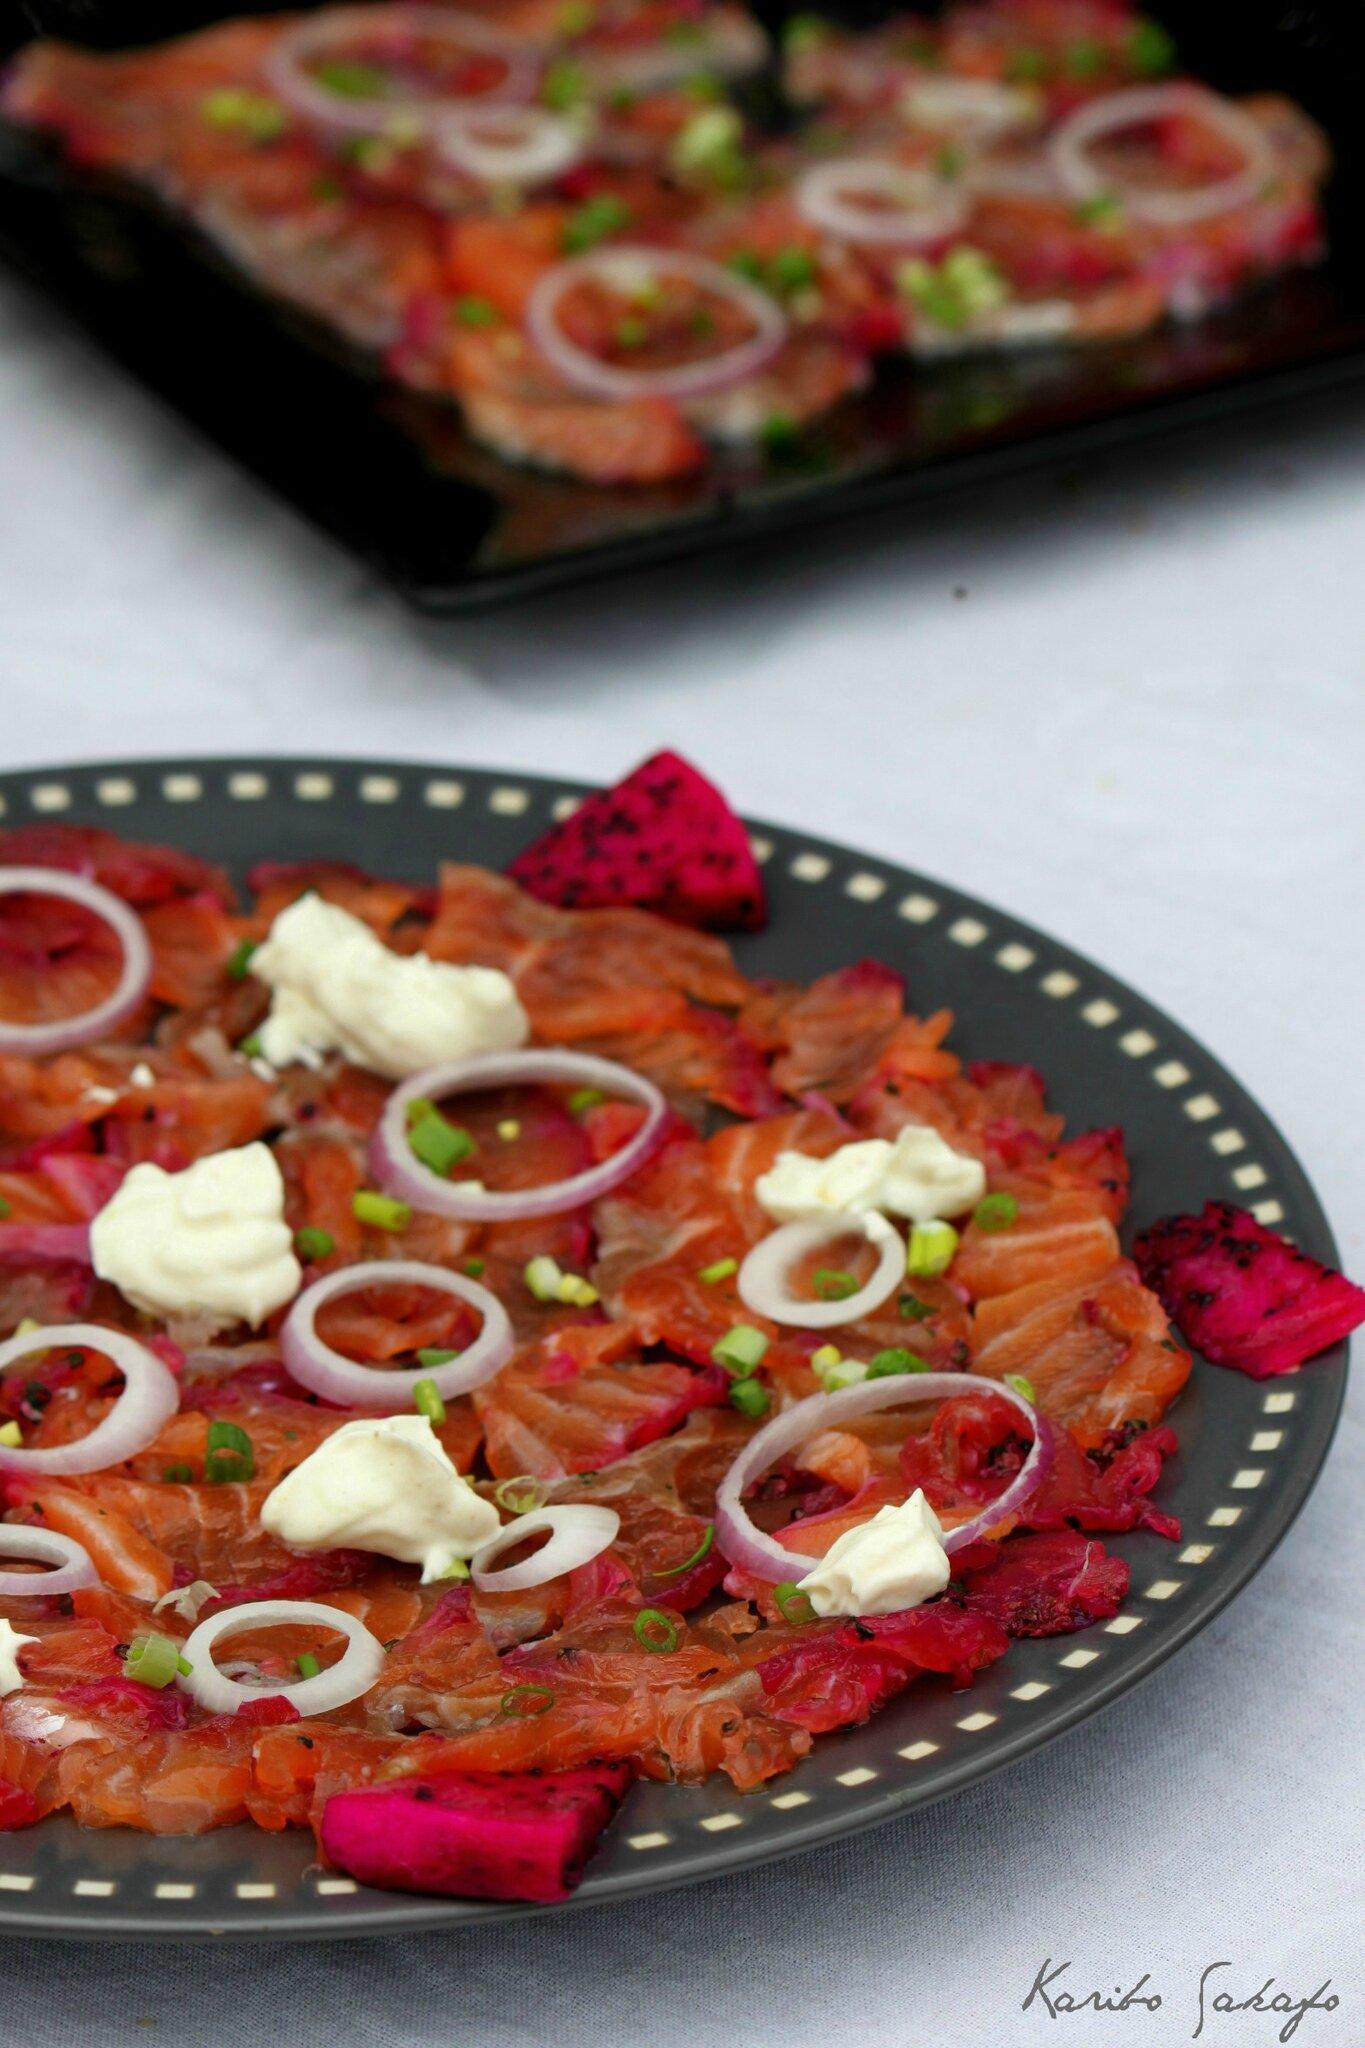 Déclinaisons de carpaccio de saumon gravlax au pitaya rouge